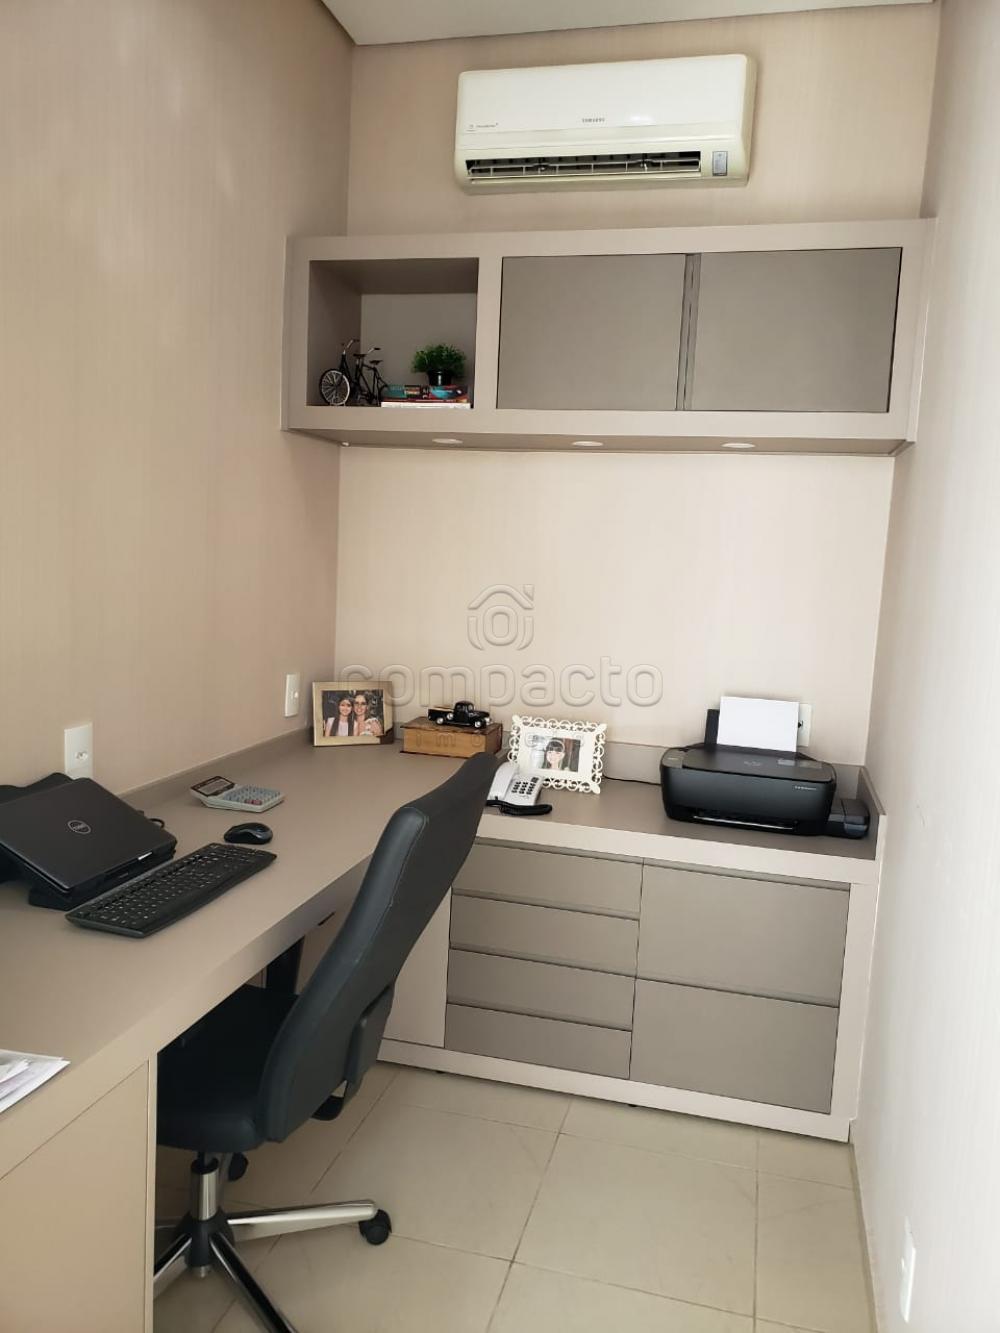 Comprar Casa / Padrão em São José do Rio Preto apenas R$ 740.000,00 - Foto 5